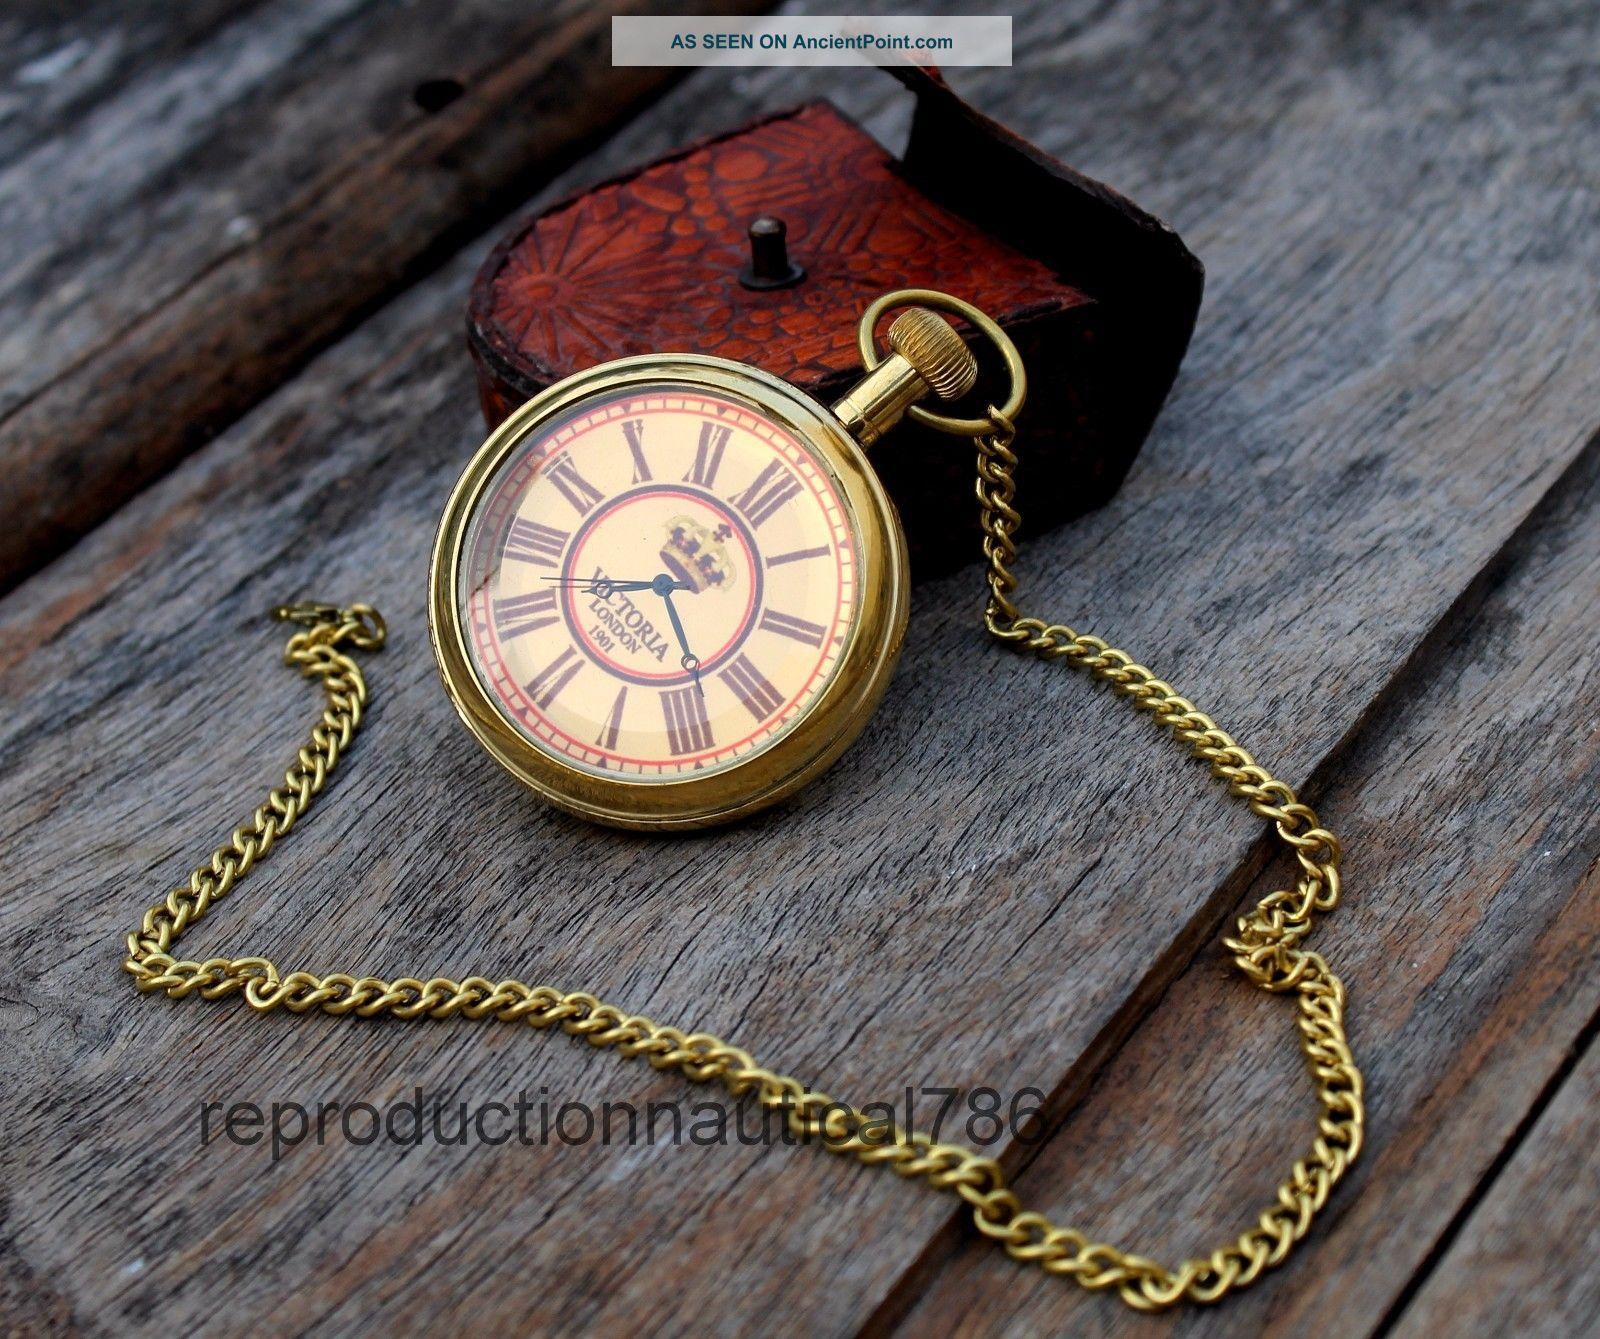 Solid Brass Marine Watch Collectible Vintage Fashion Pocket Watch Case Clocks photo